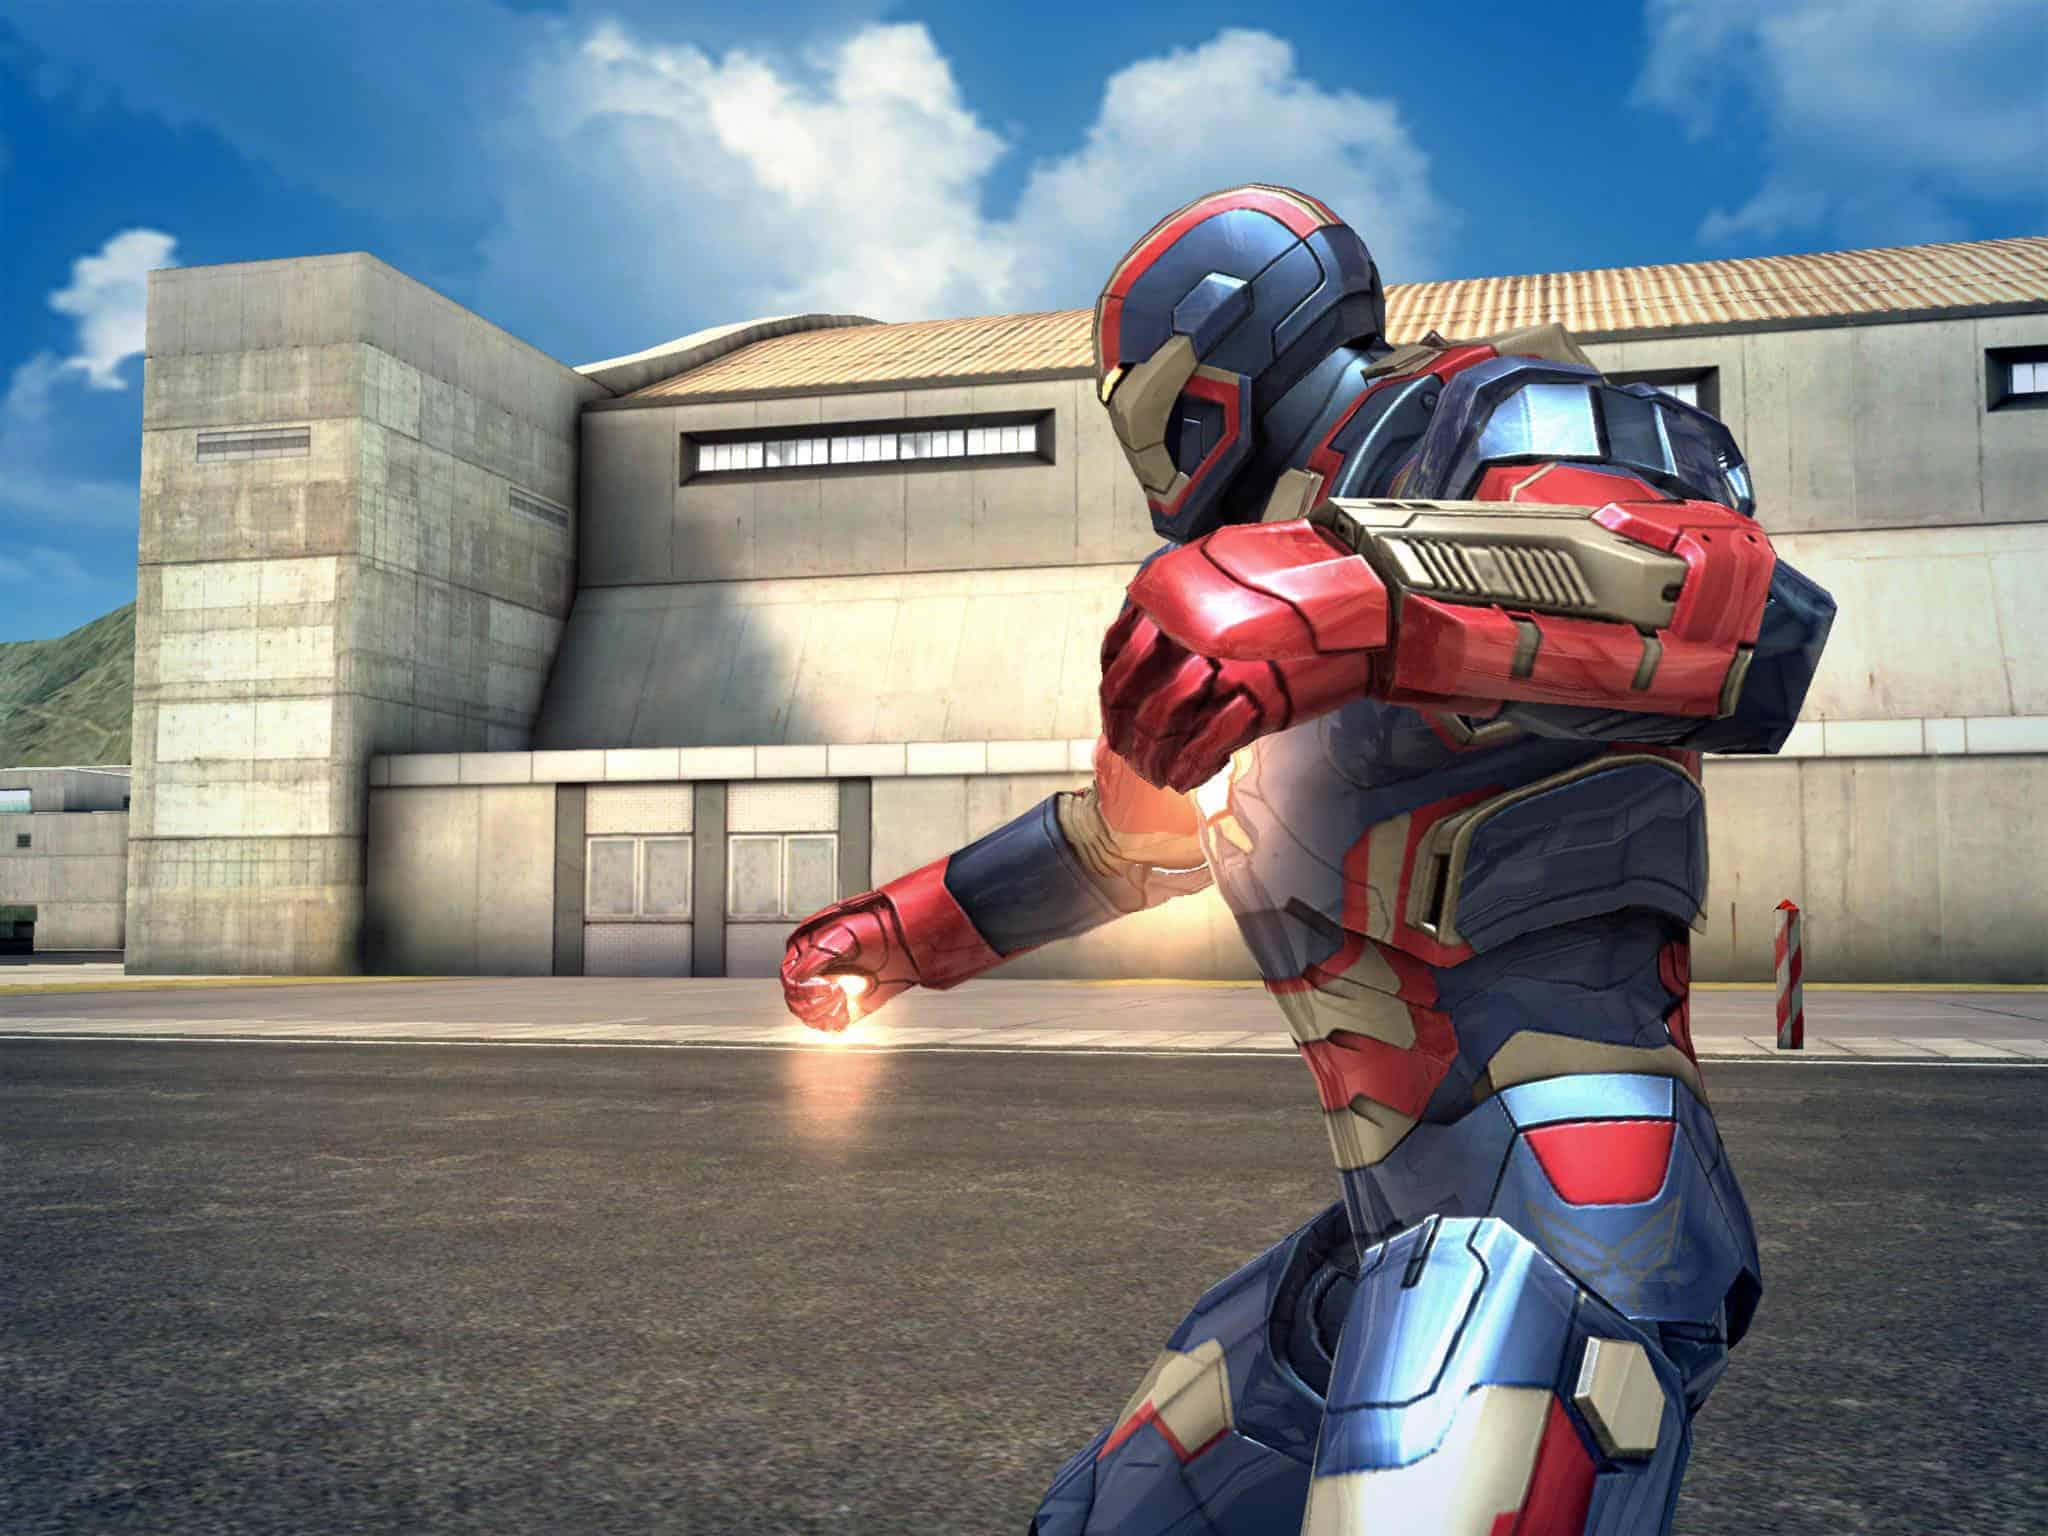 iron-man-3-android-game-iron-patriot-2